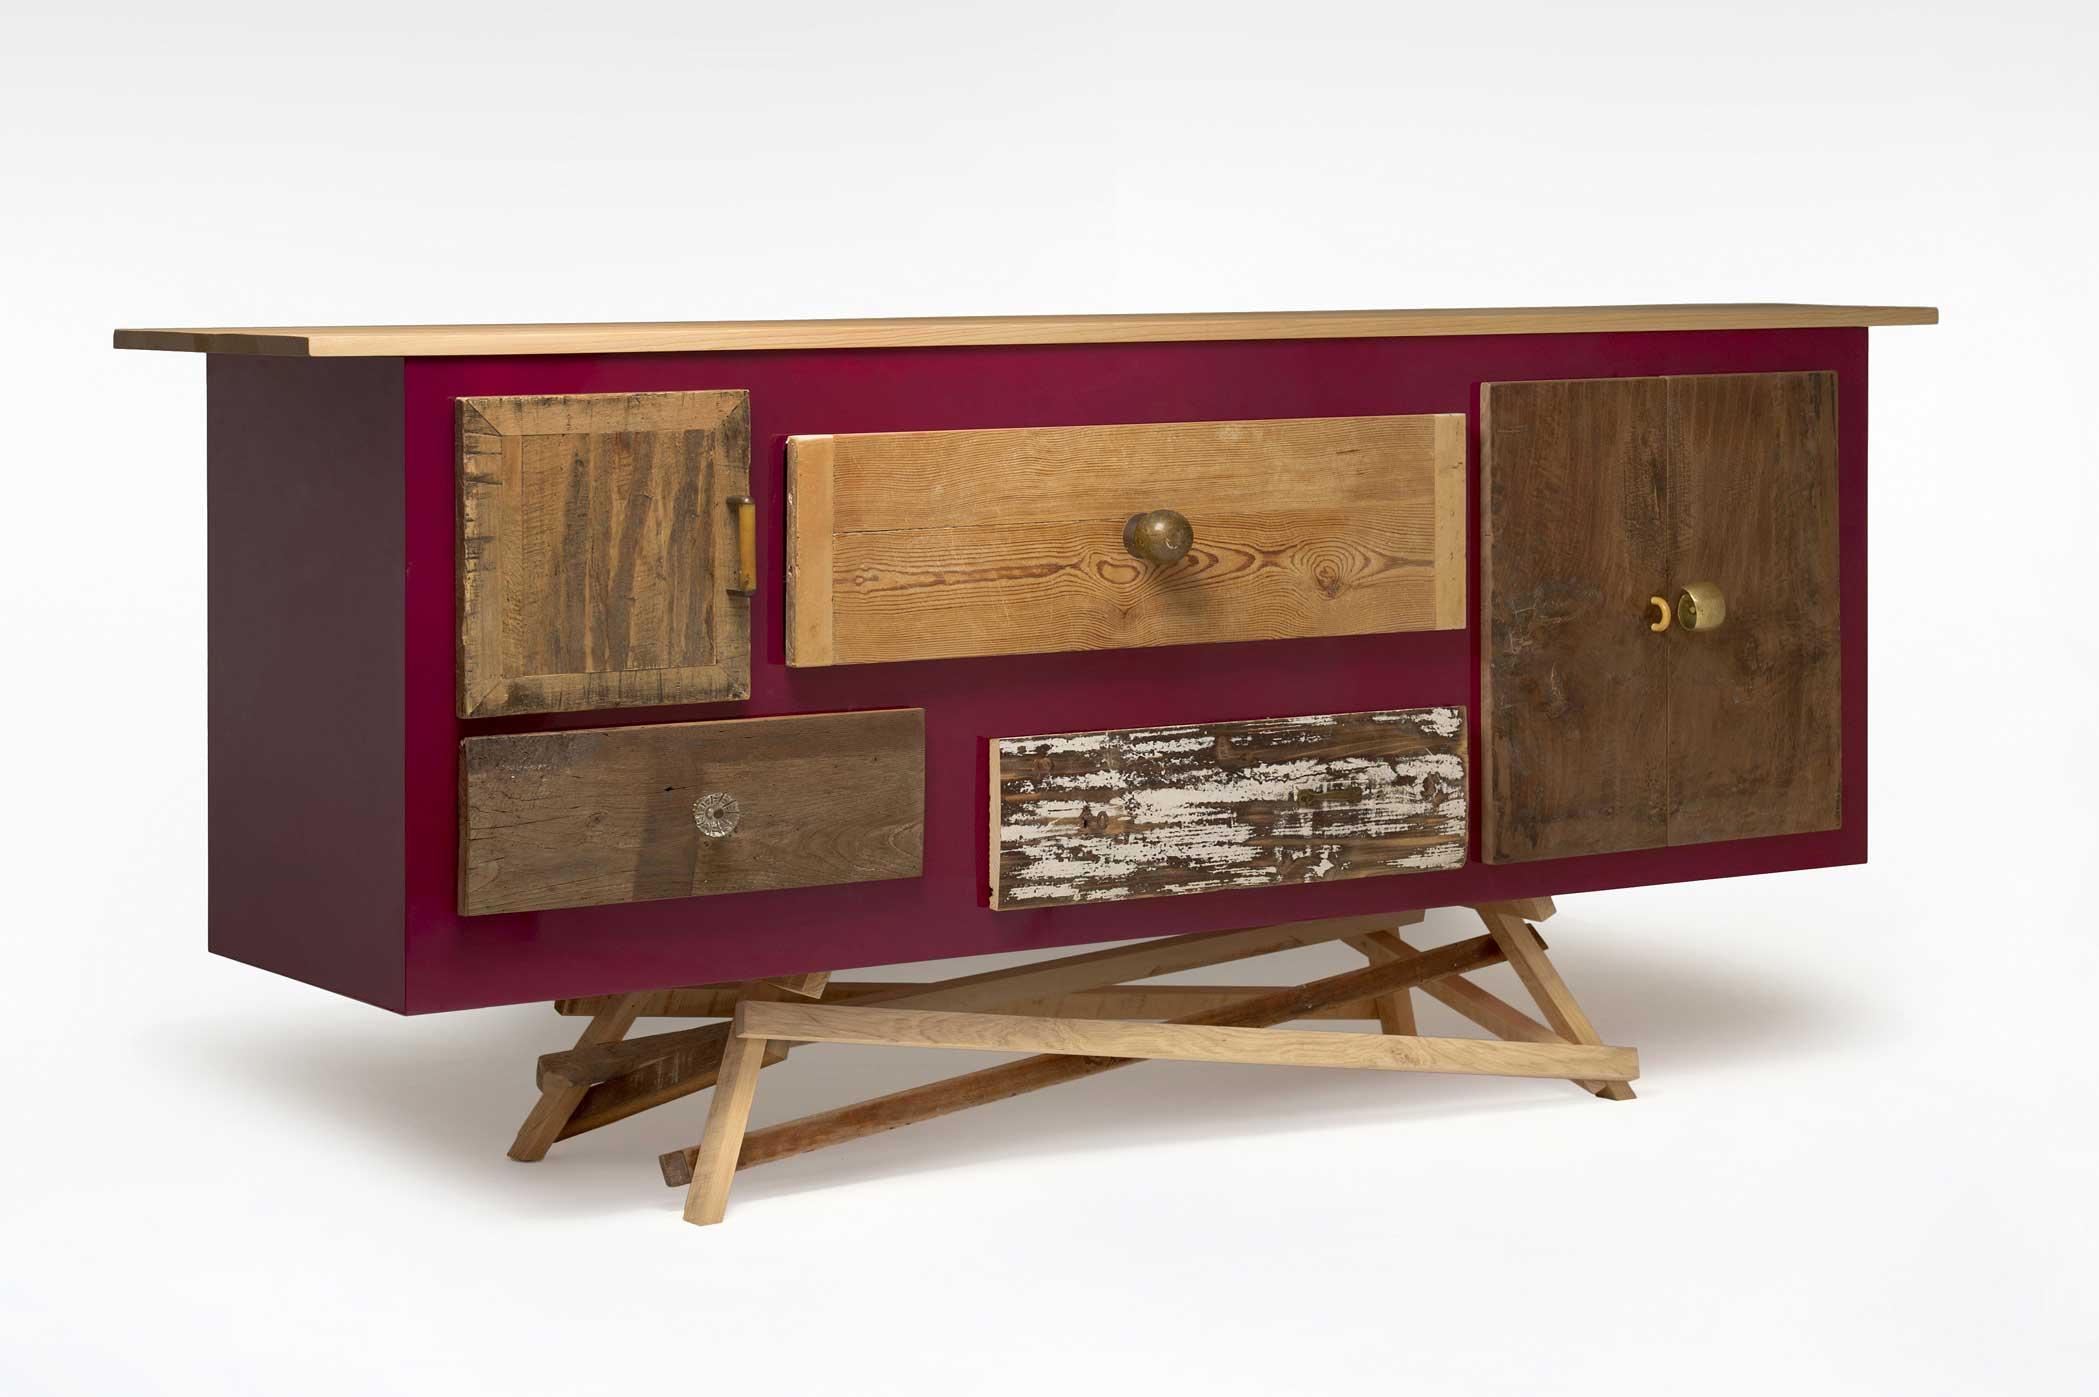 Credenza Con Legno Di Recupero : Credenze laccate: legno di recupero e colore laquercia21